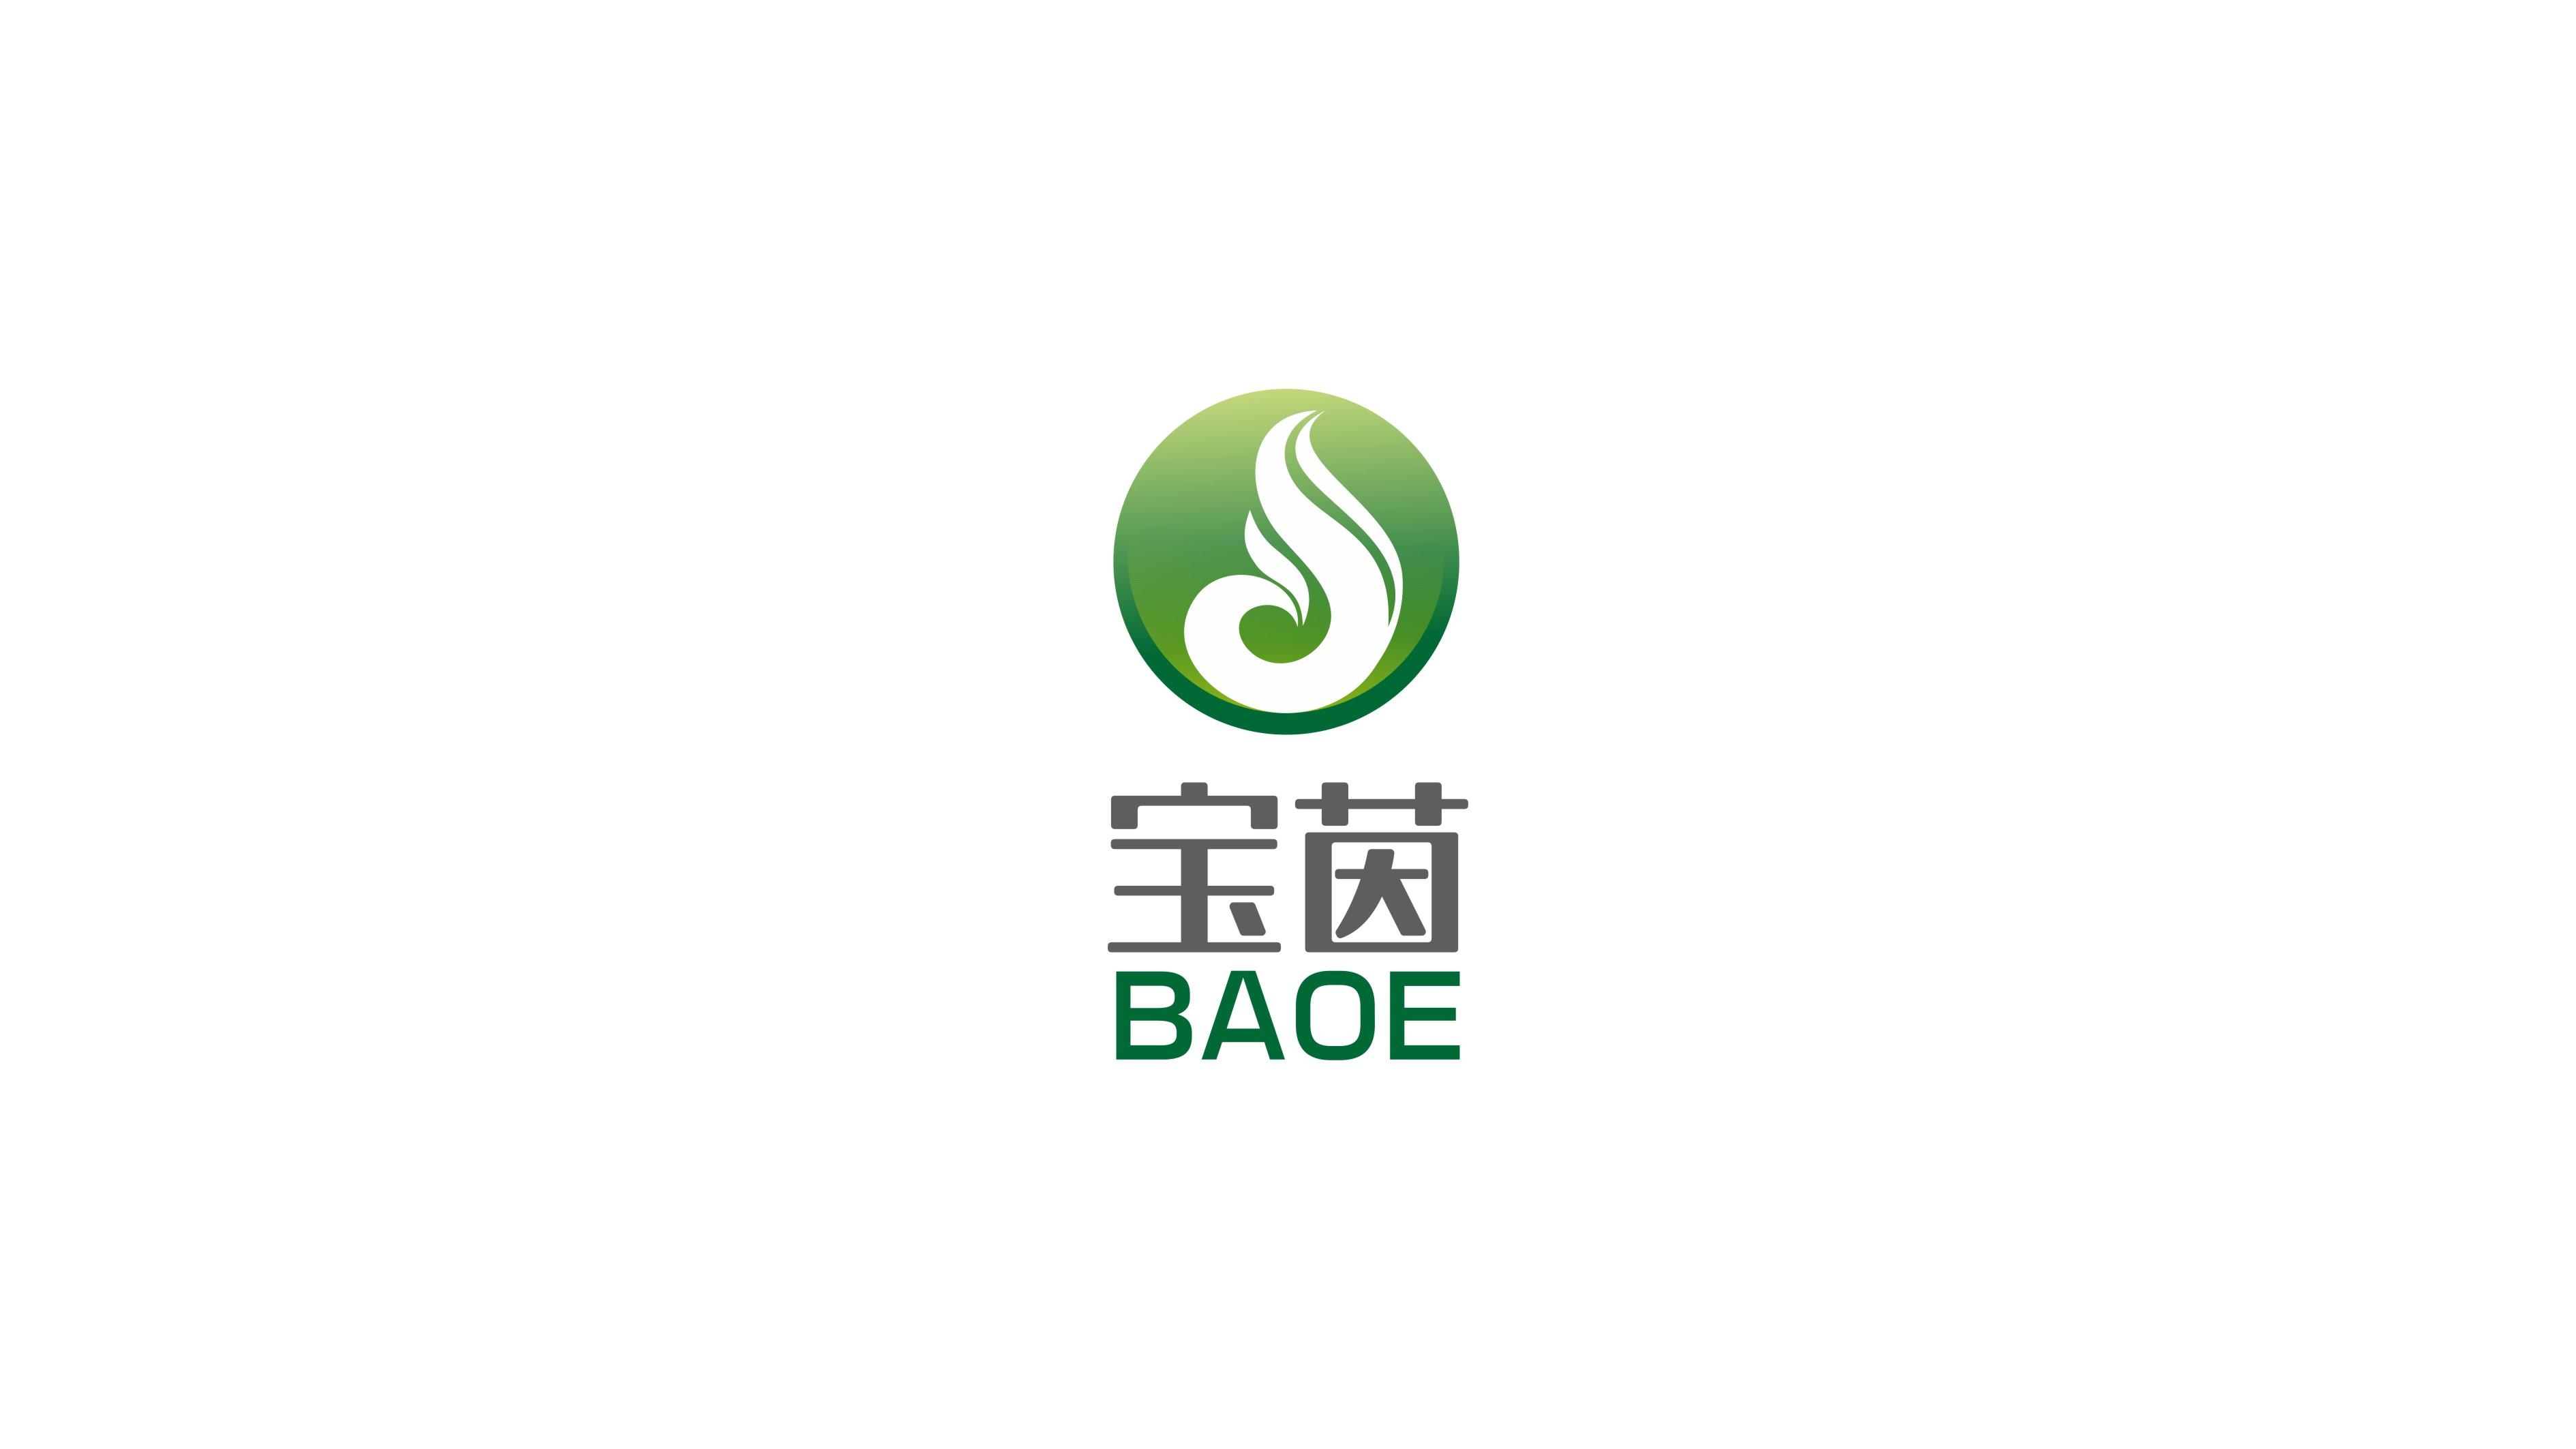 宝茵综合型企业LOGO设计